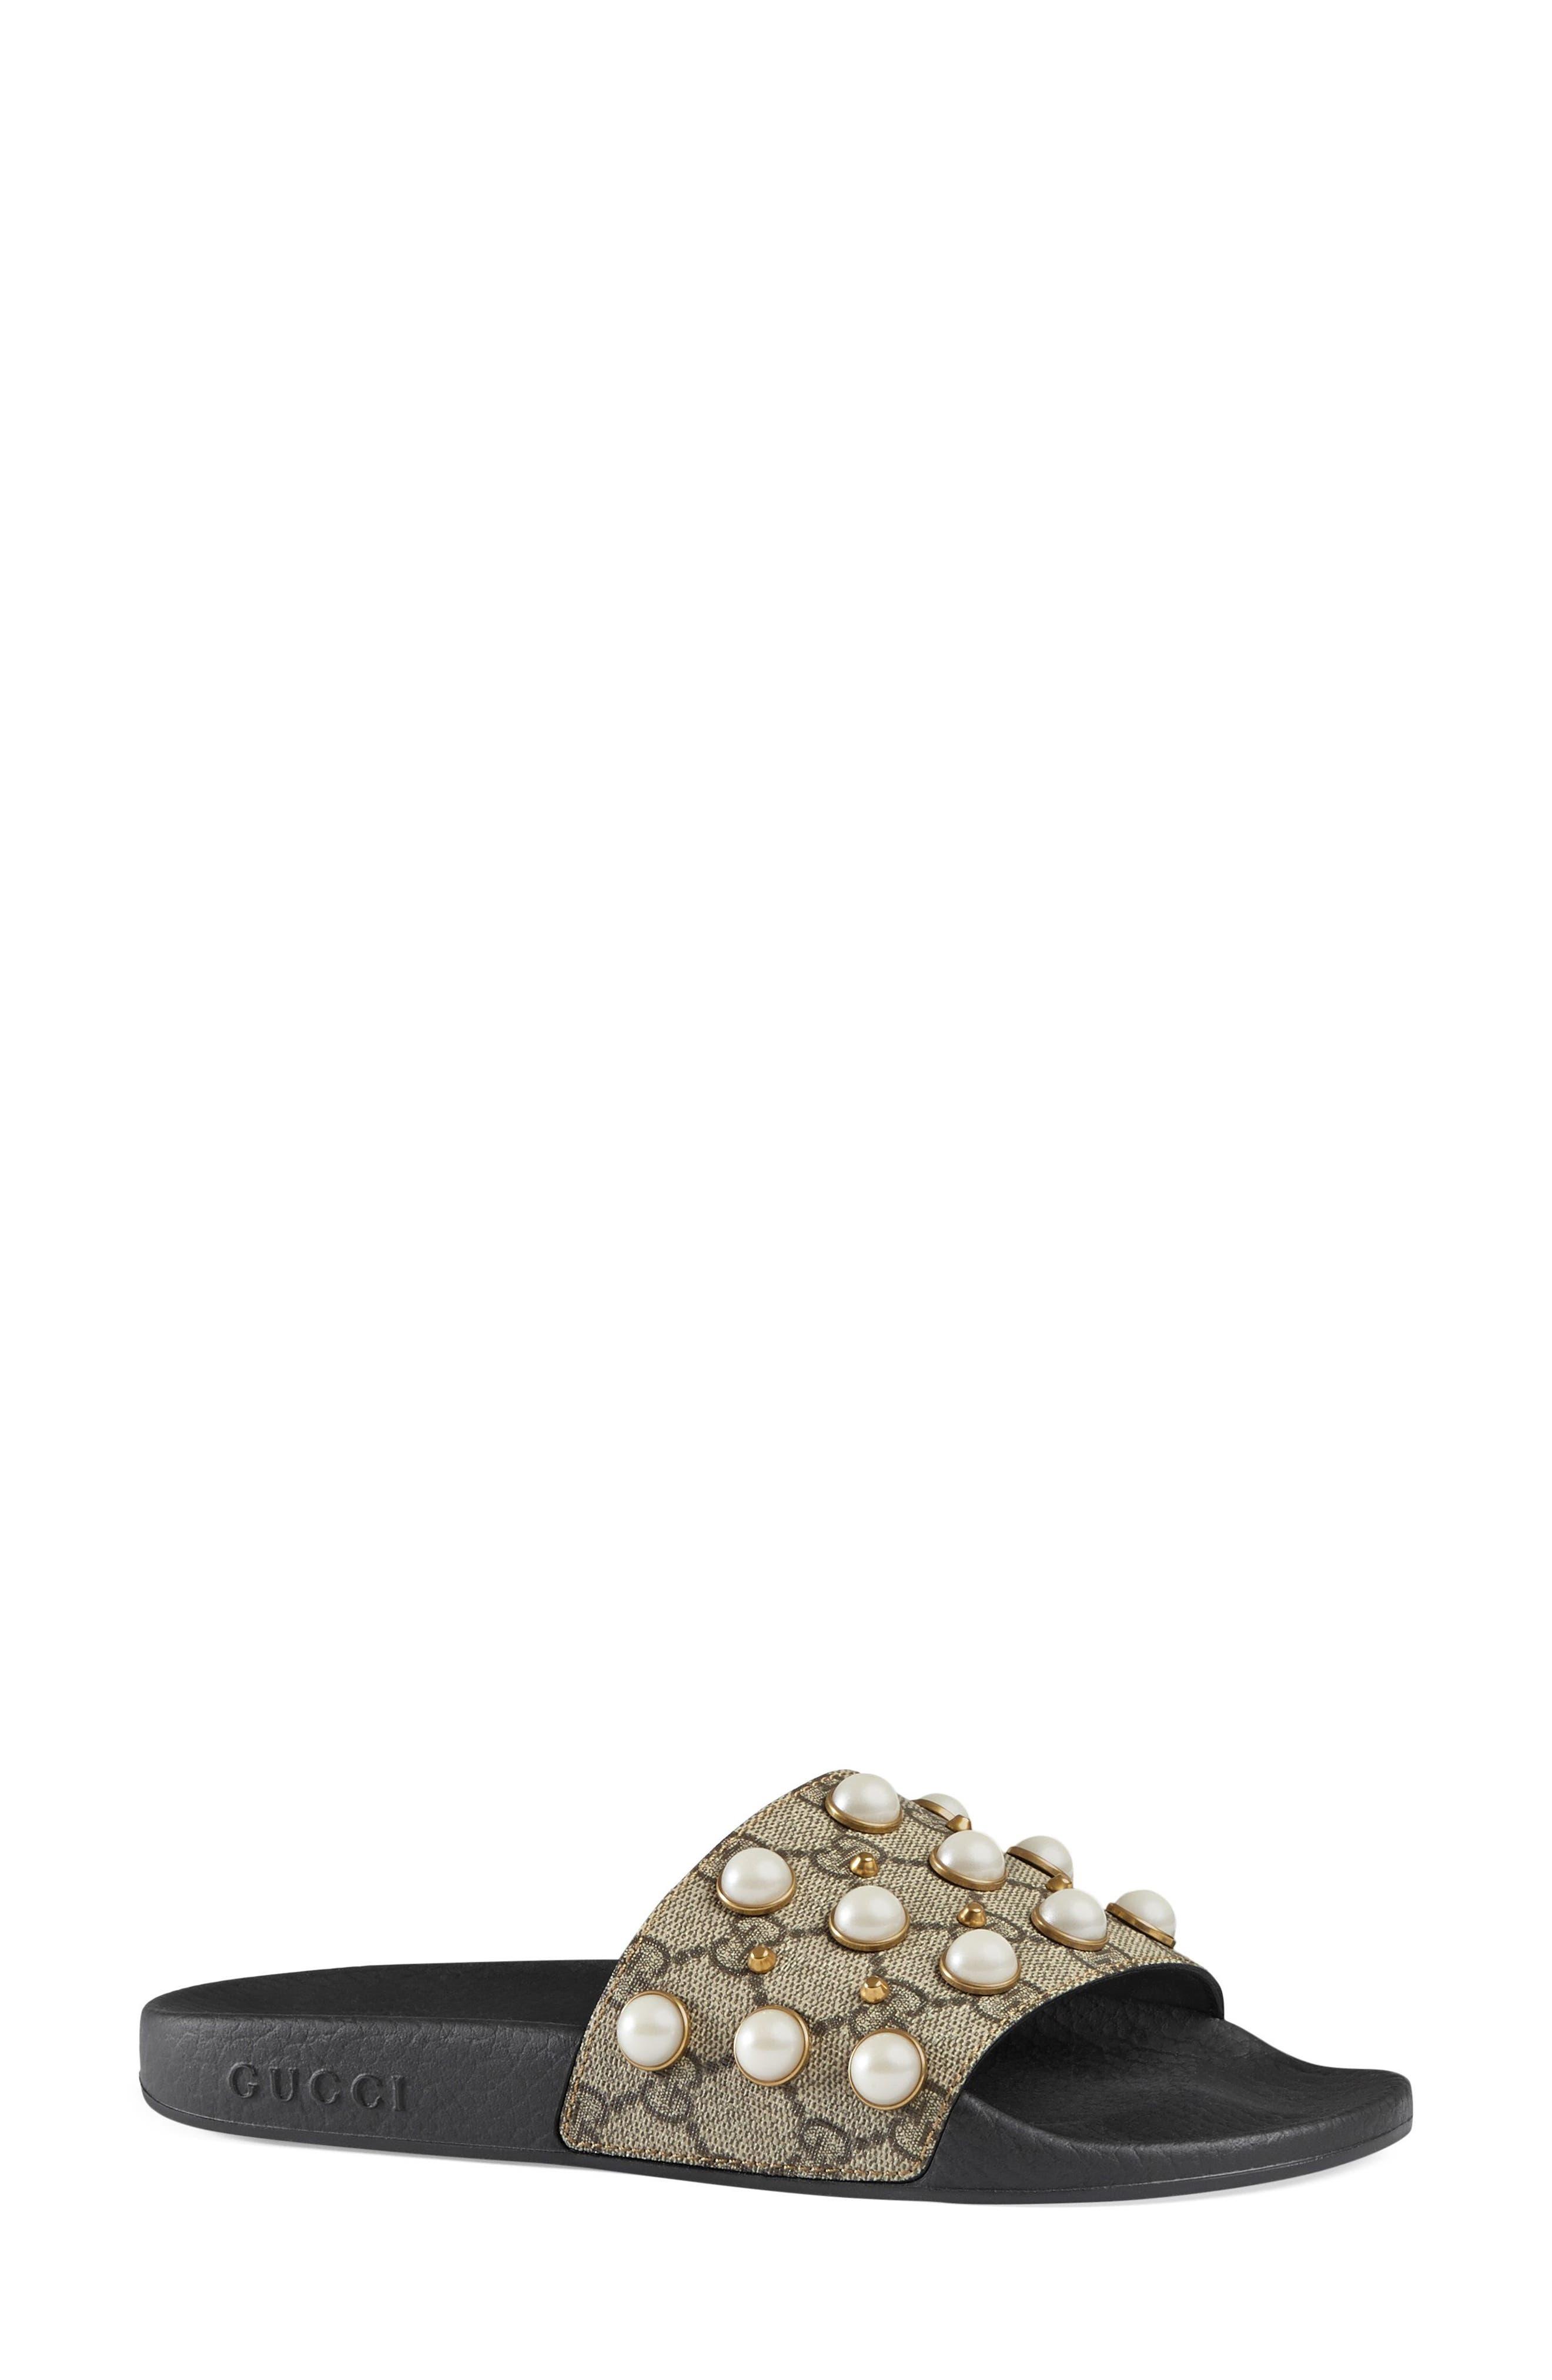 Pursuit Imitation Pearl Embellished Slide Sandal,                             Alternate thumbnail 2, color,                             BEIGE